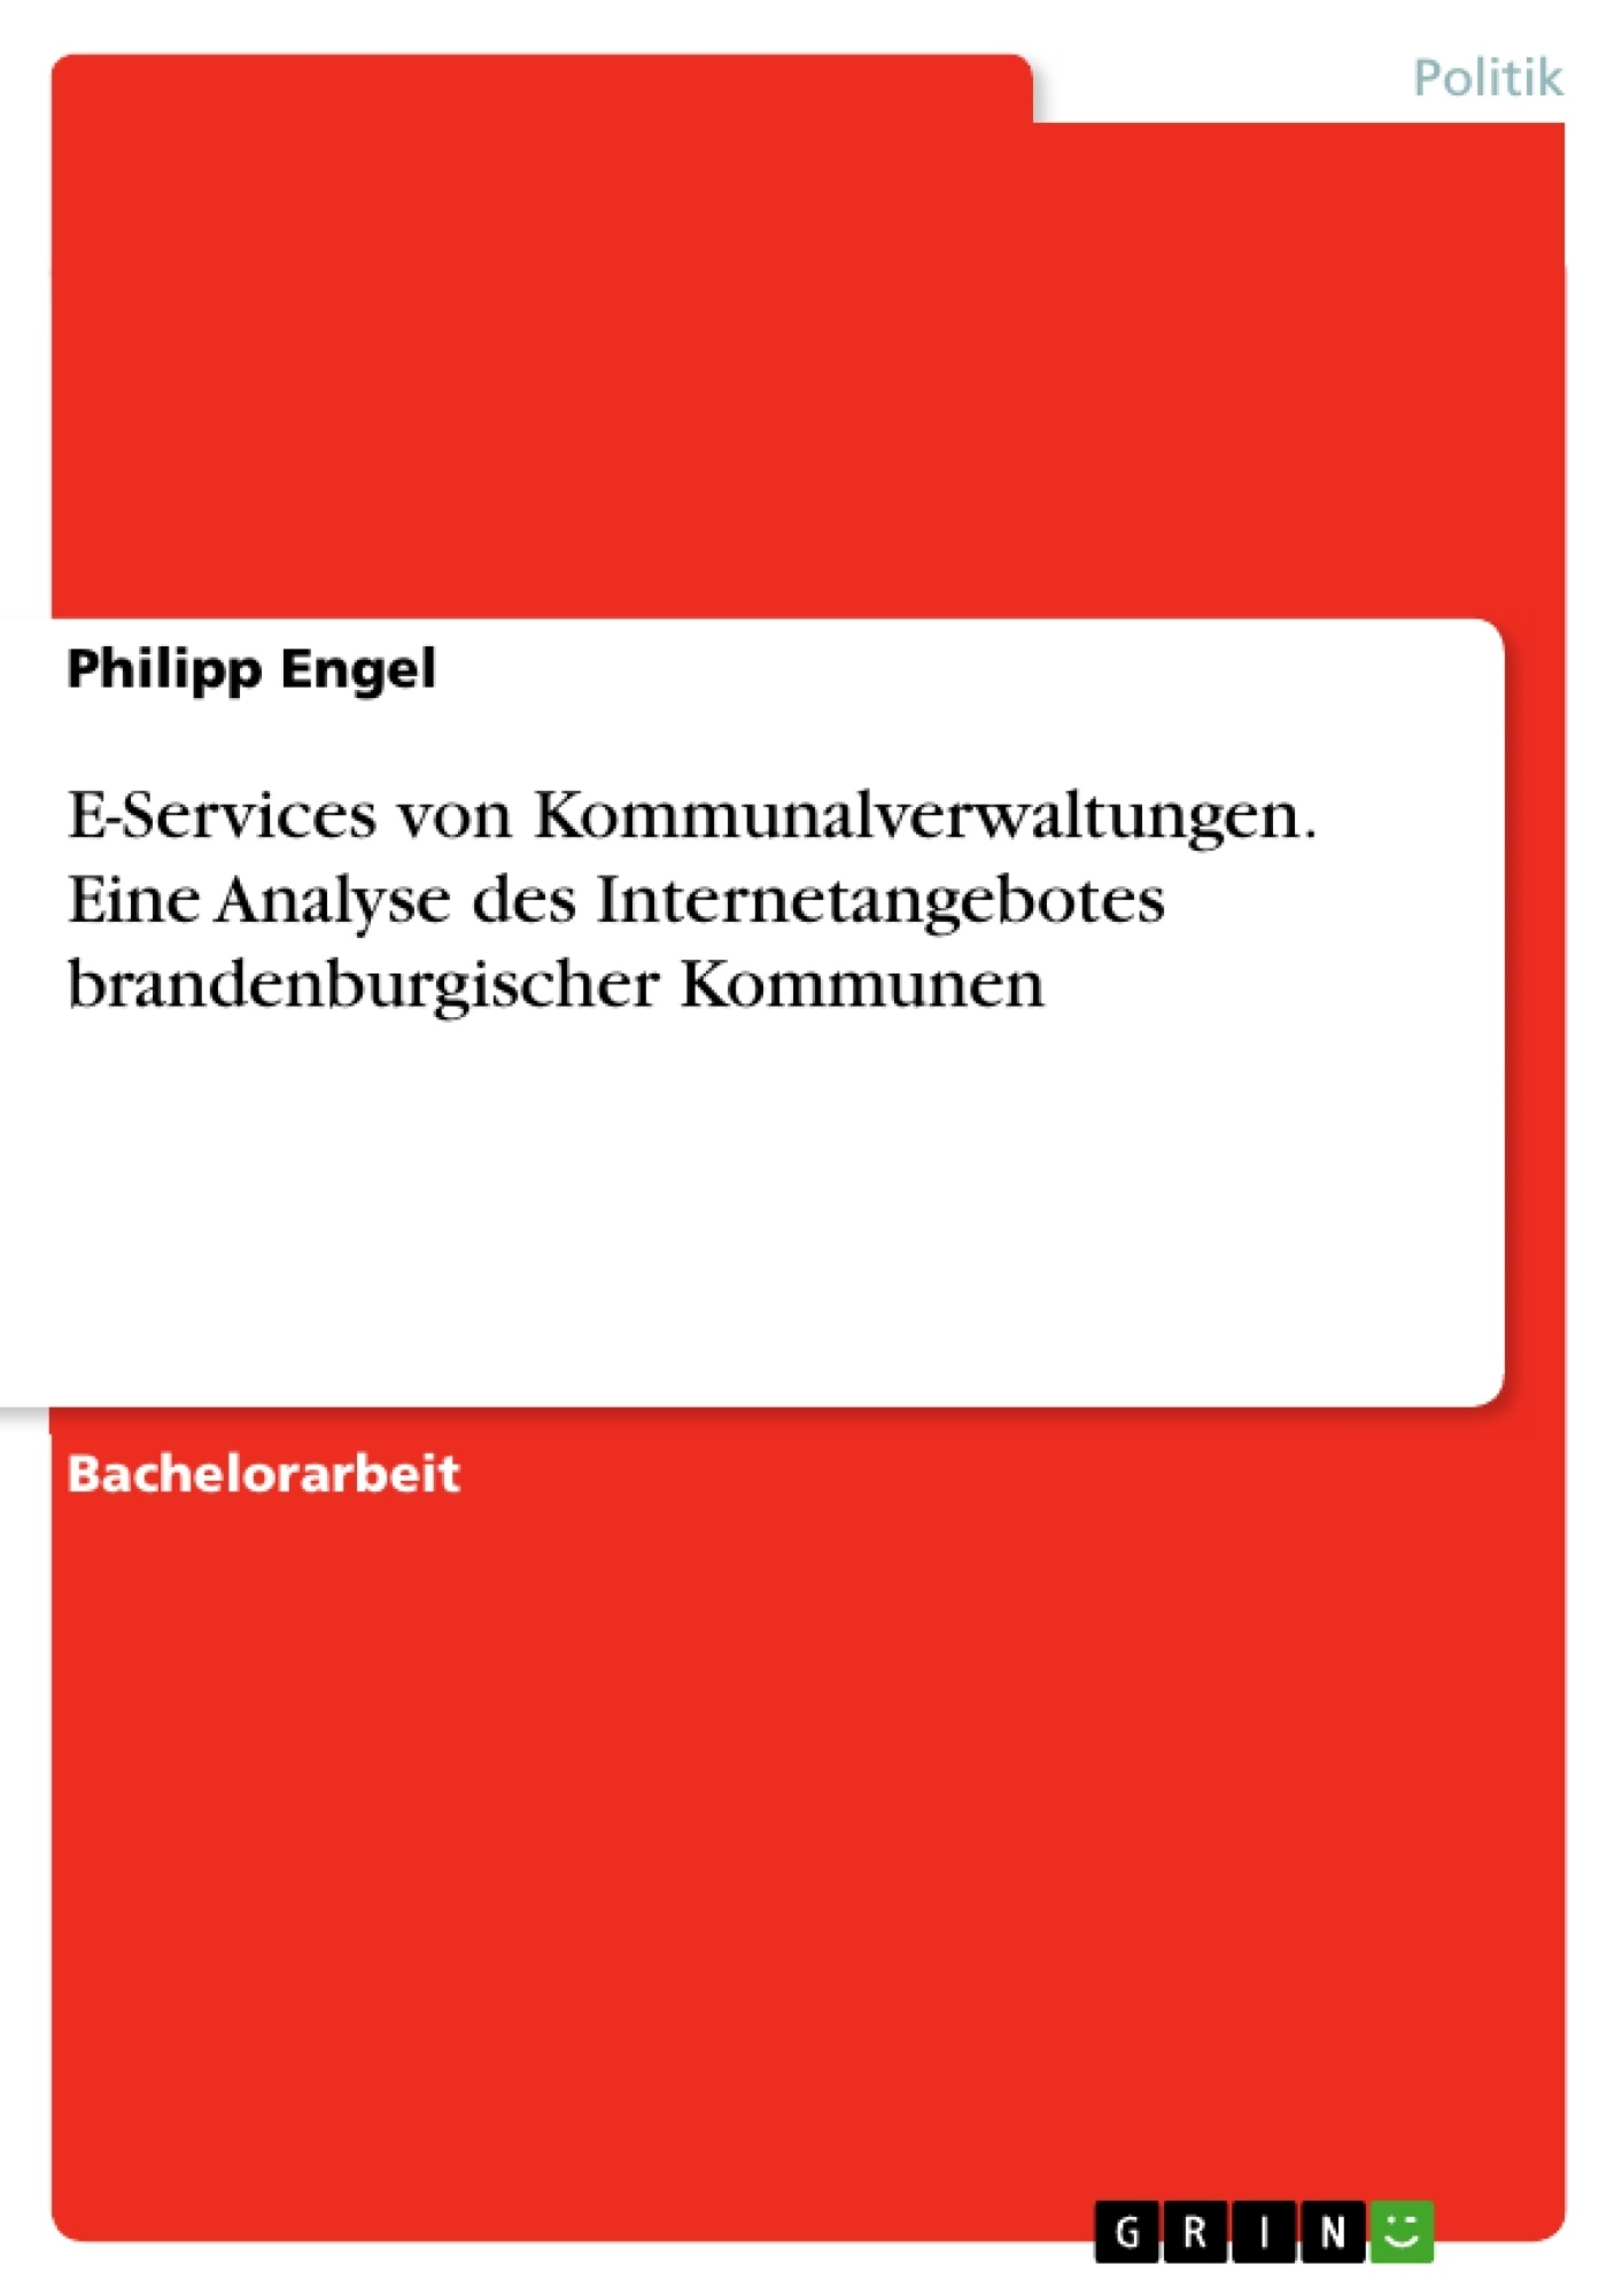 Titel: E-Services von Kommunalverwaltungen. Eine Analyse des Internetangebotes brandenburgischer Kommunen